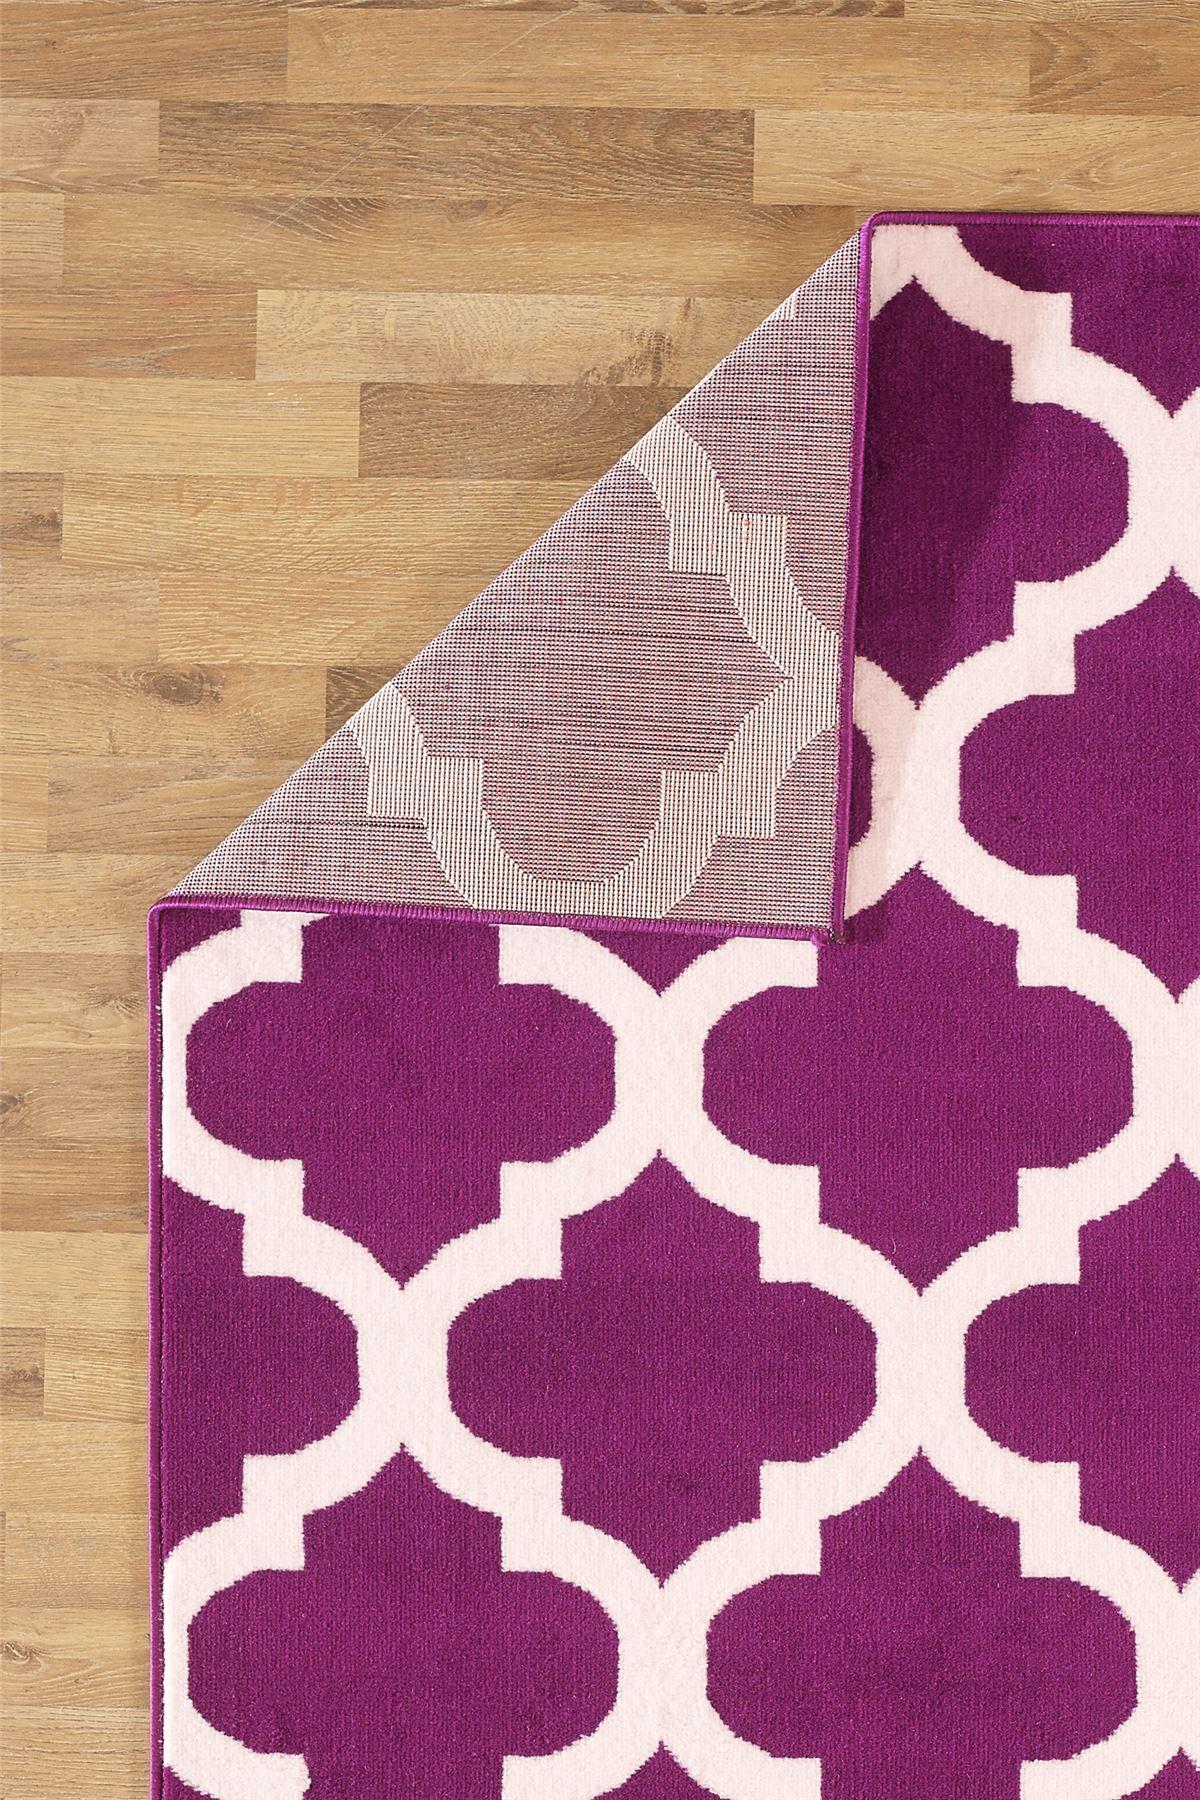 Nero-Rosso-Argento-Bianco-Viola-Moderno-Area-Tappeto-Traliccio-DESIGN-CUCINA-outdoorrug miniatura 13